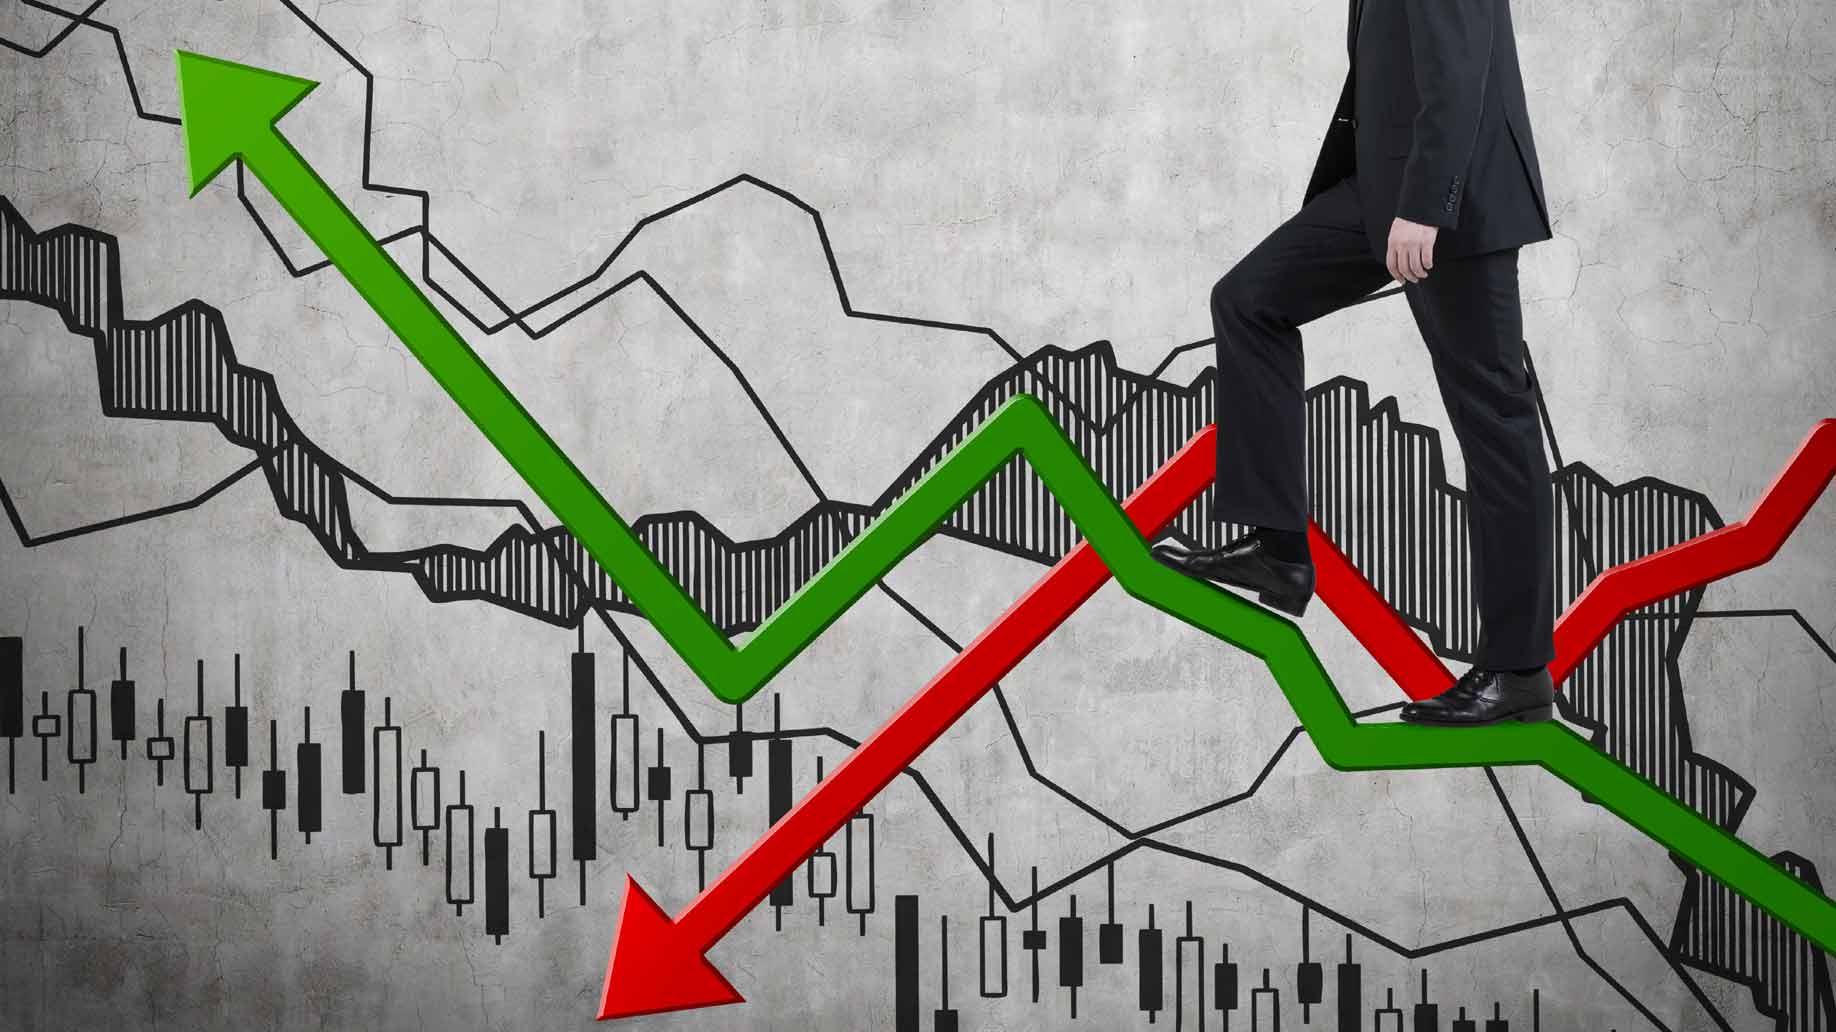 التقلبات السعرية بالأسواق وكيفية التعامل معها